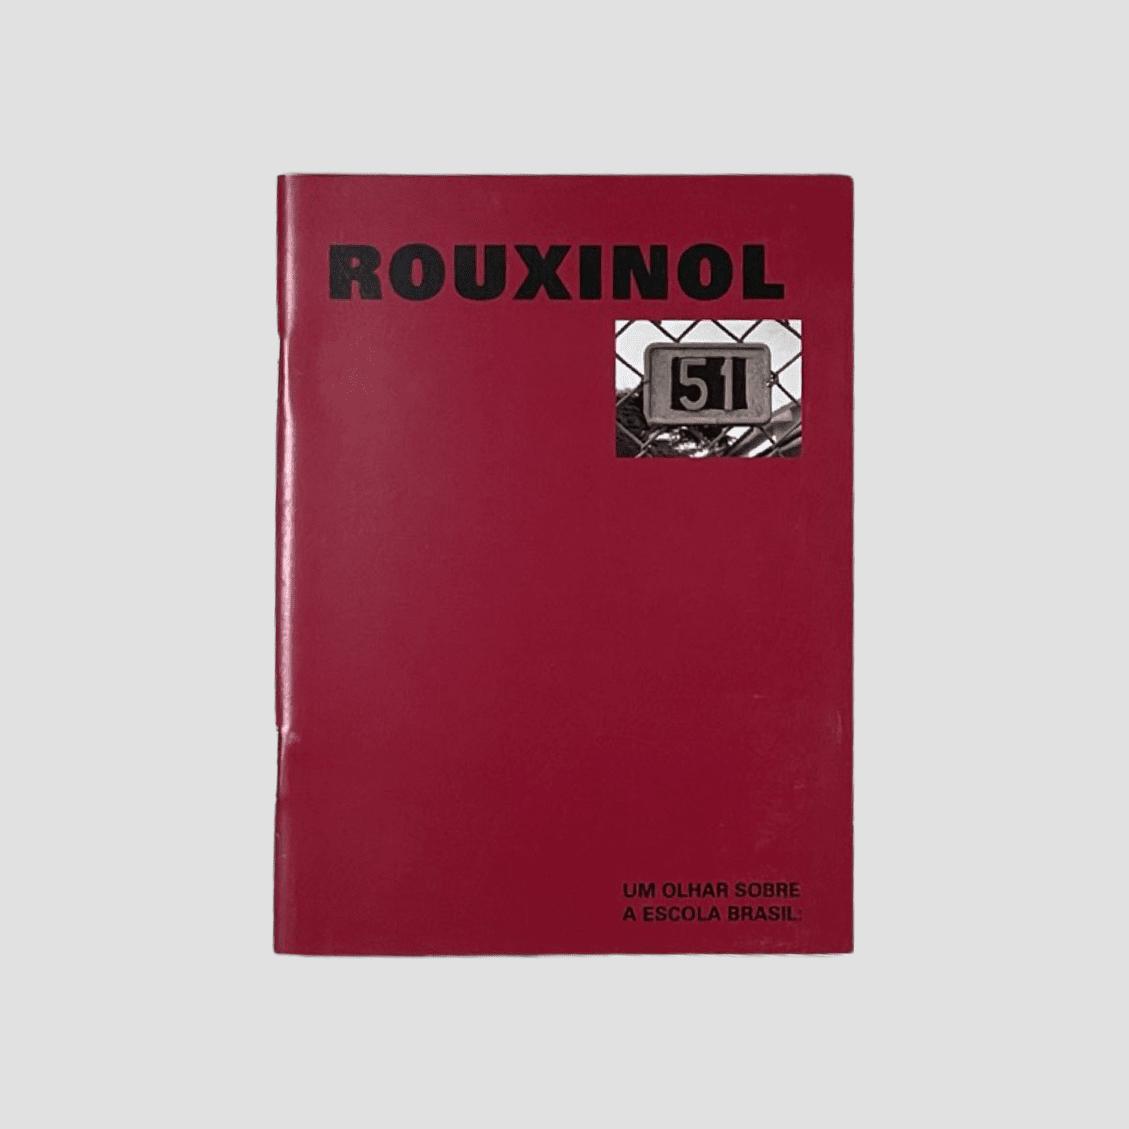 Rouxinol 51